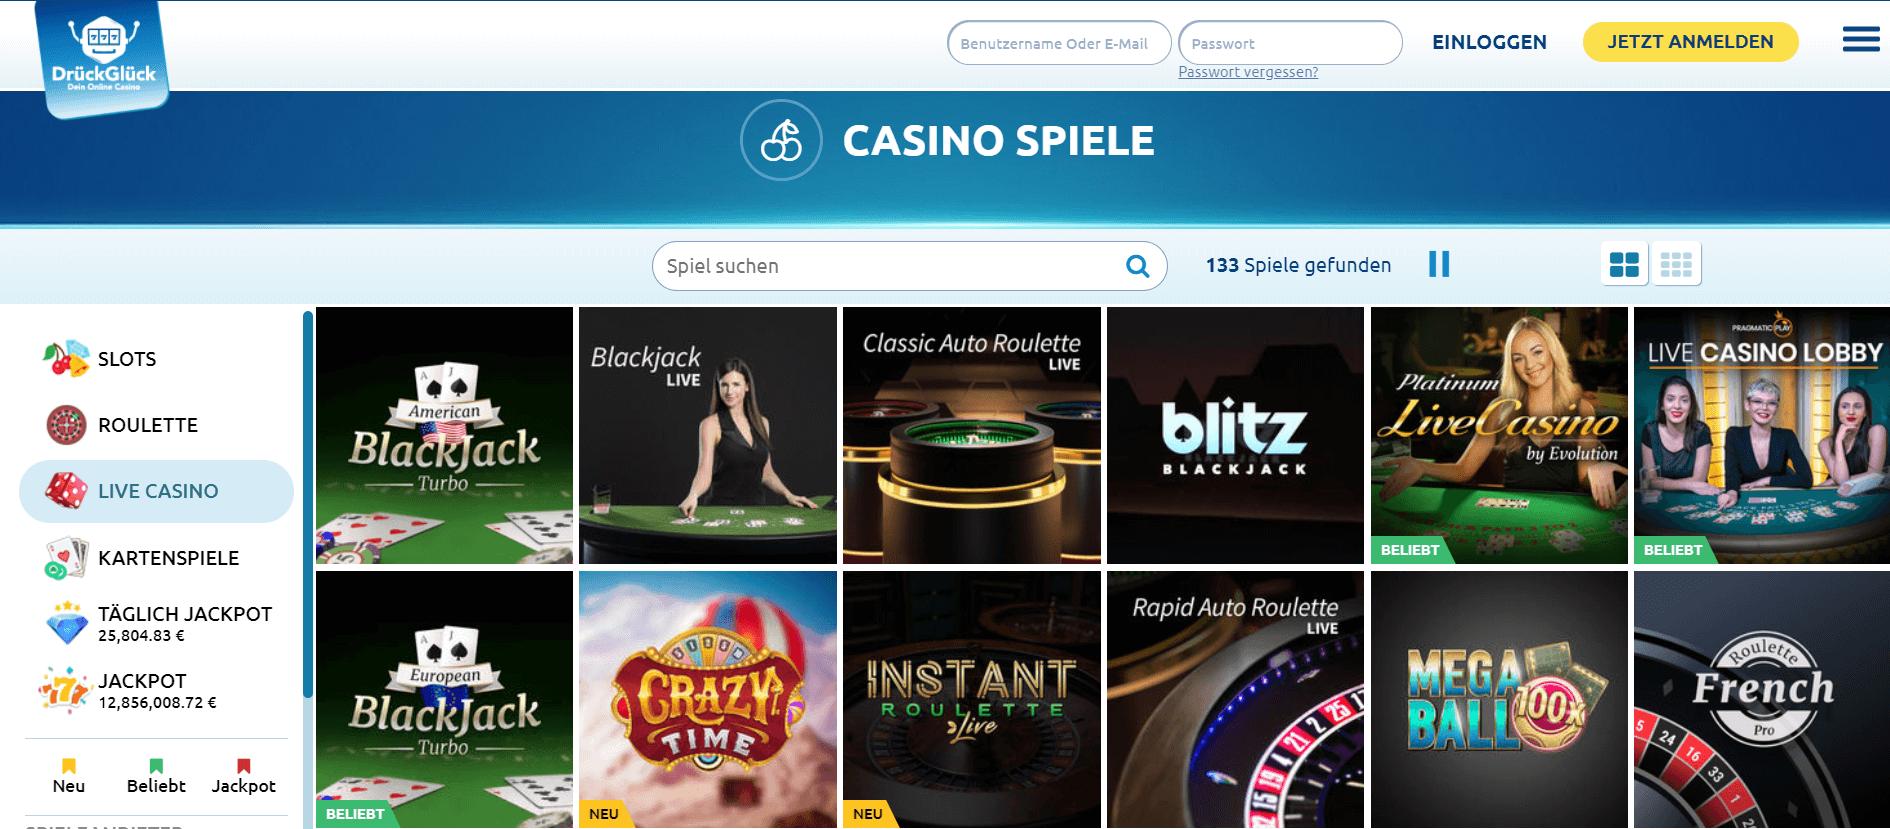 Spielen Sie live im DrückGlück Casino Deutschland und erleben Sie das Spielgefühl in einem echten Casino